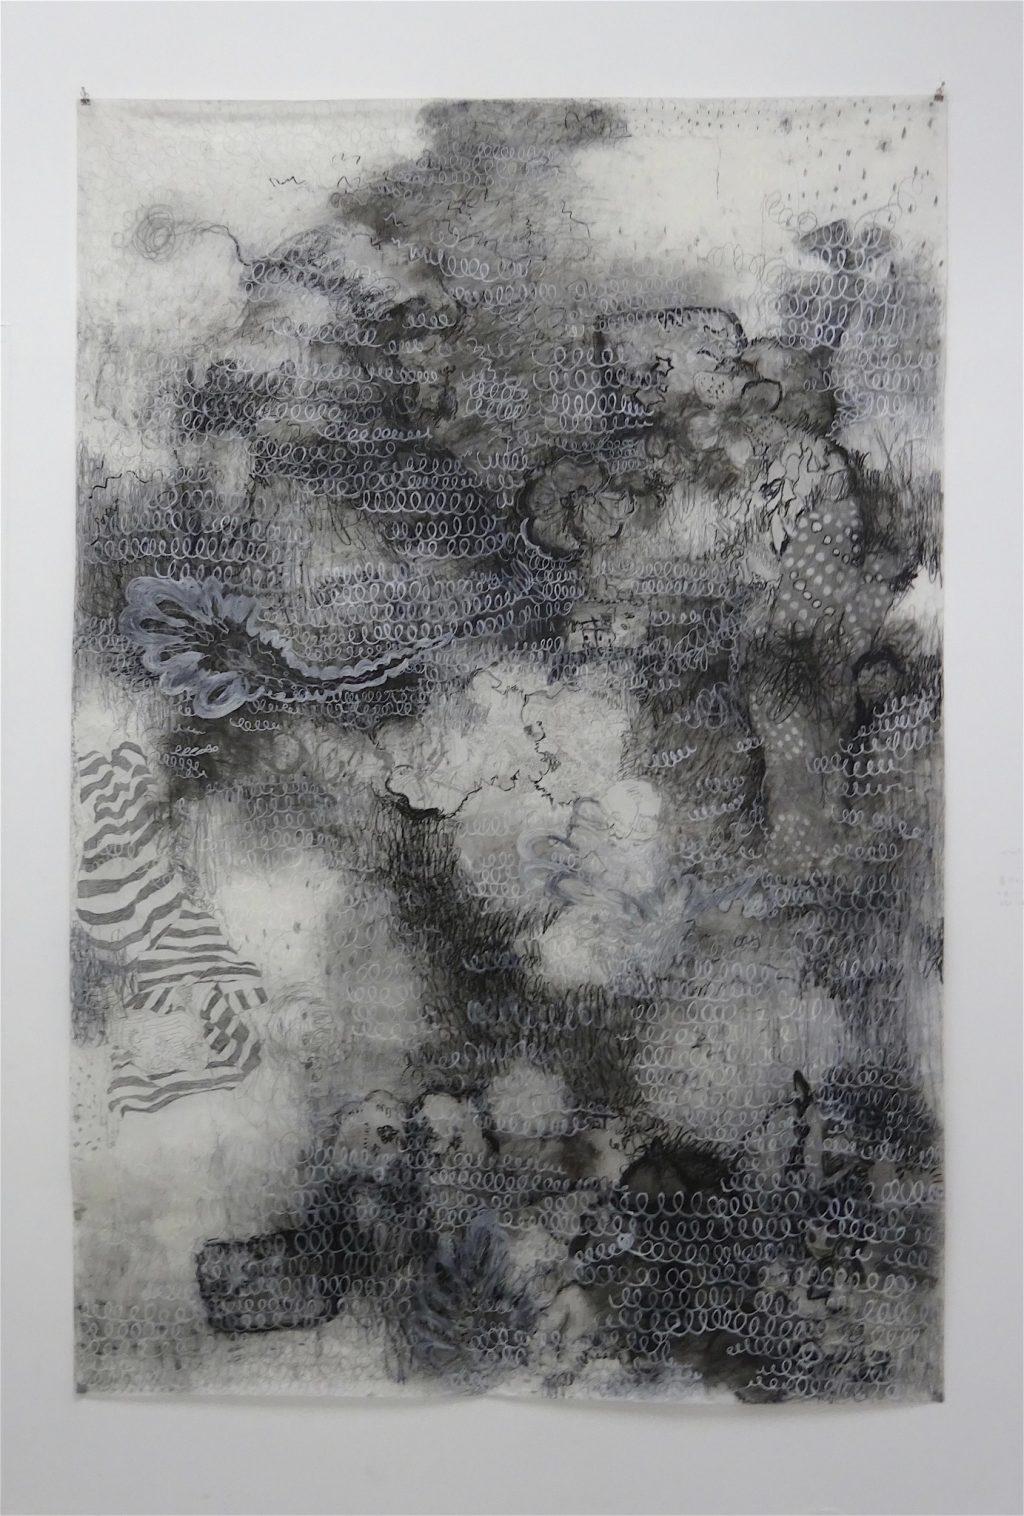 福村彩子 FUKUMURA Ayako「ぜんぶだいなわけ」2009